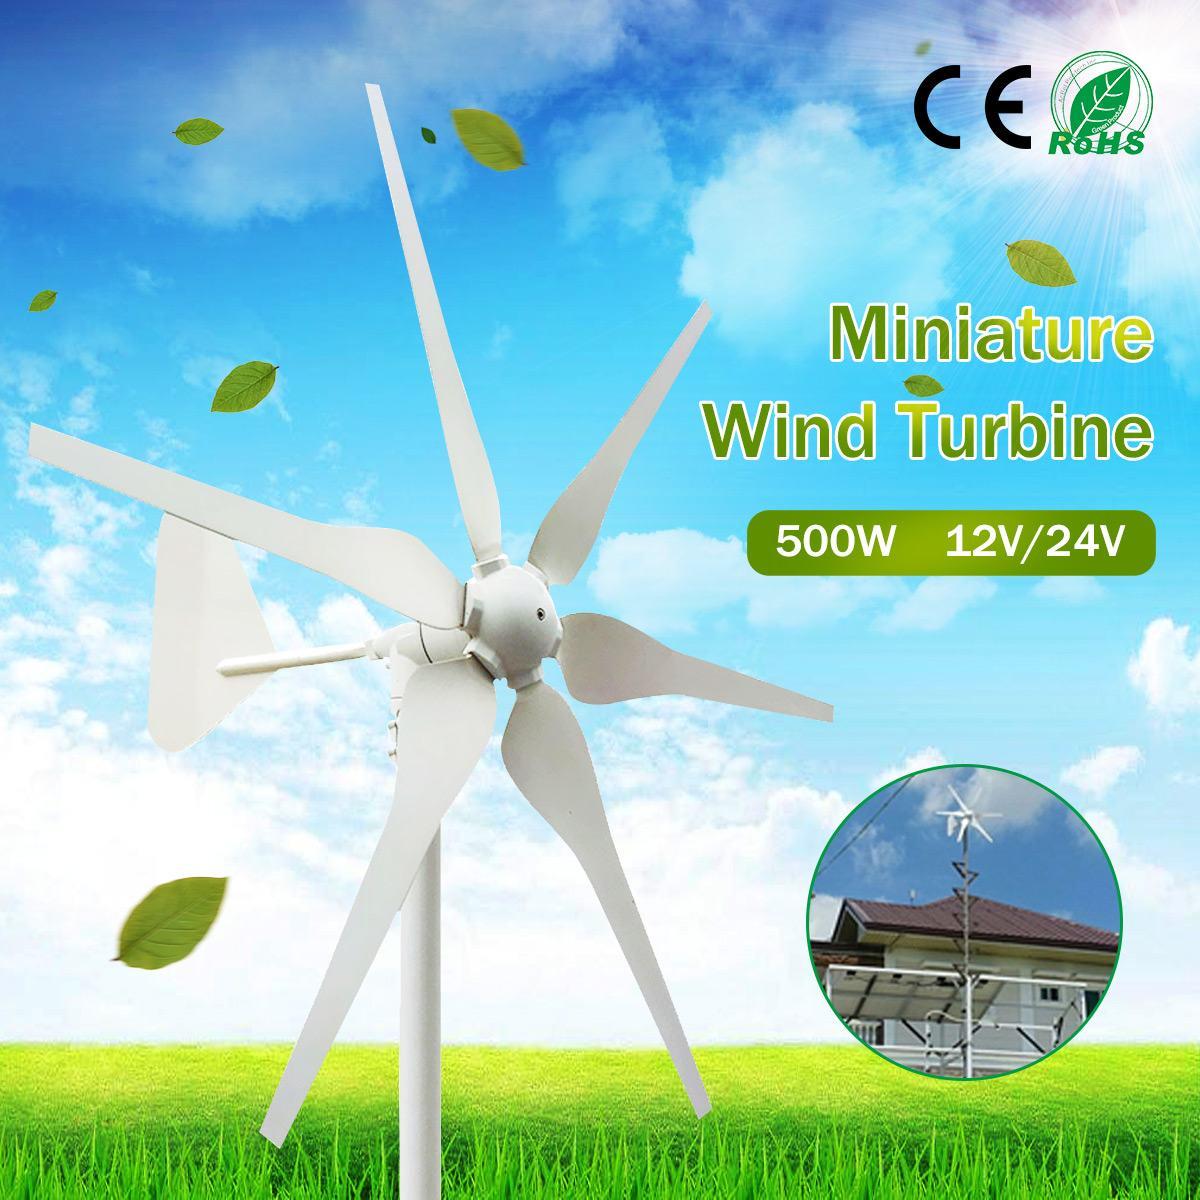 DC/AC Générateur 2018 12 V/24 V 500 W Éoliennes Générateur Miniature Vent Turbines Avec Contrôleur pour Maison D'habitation